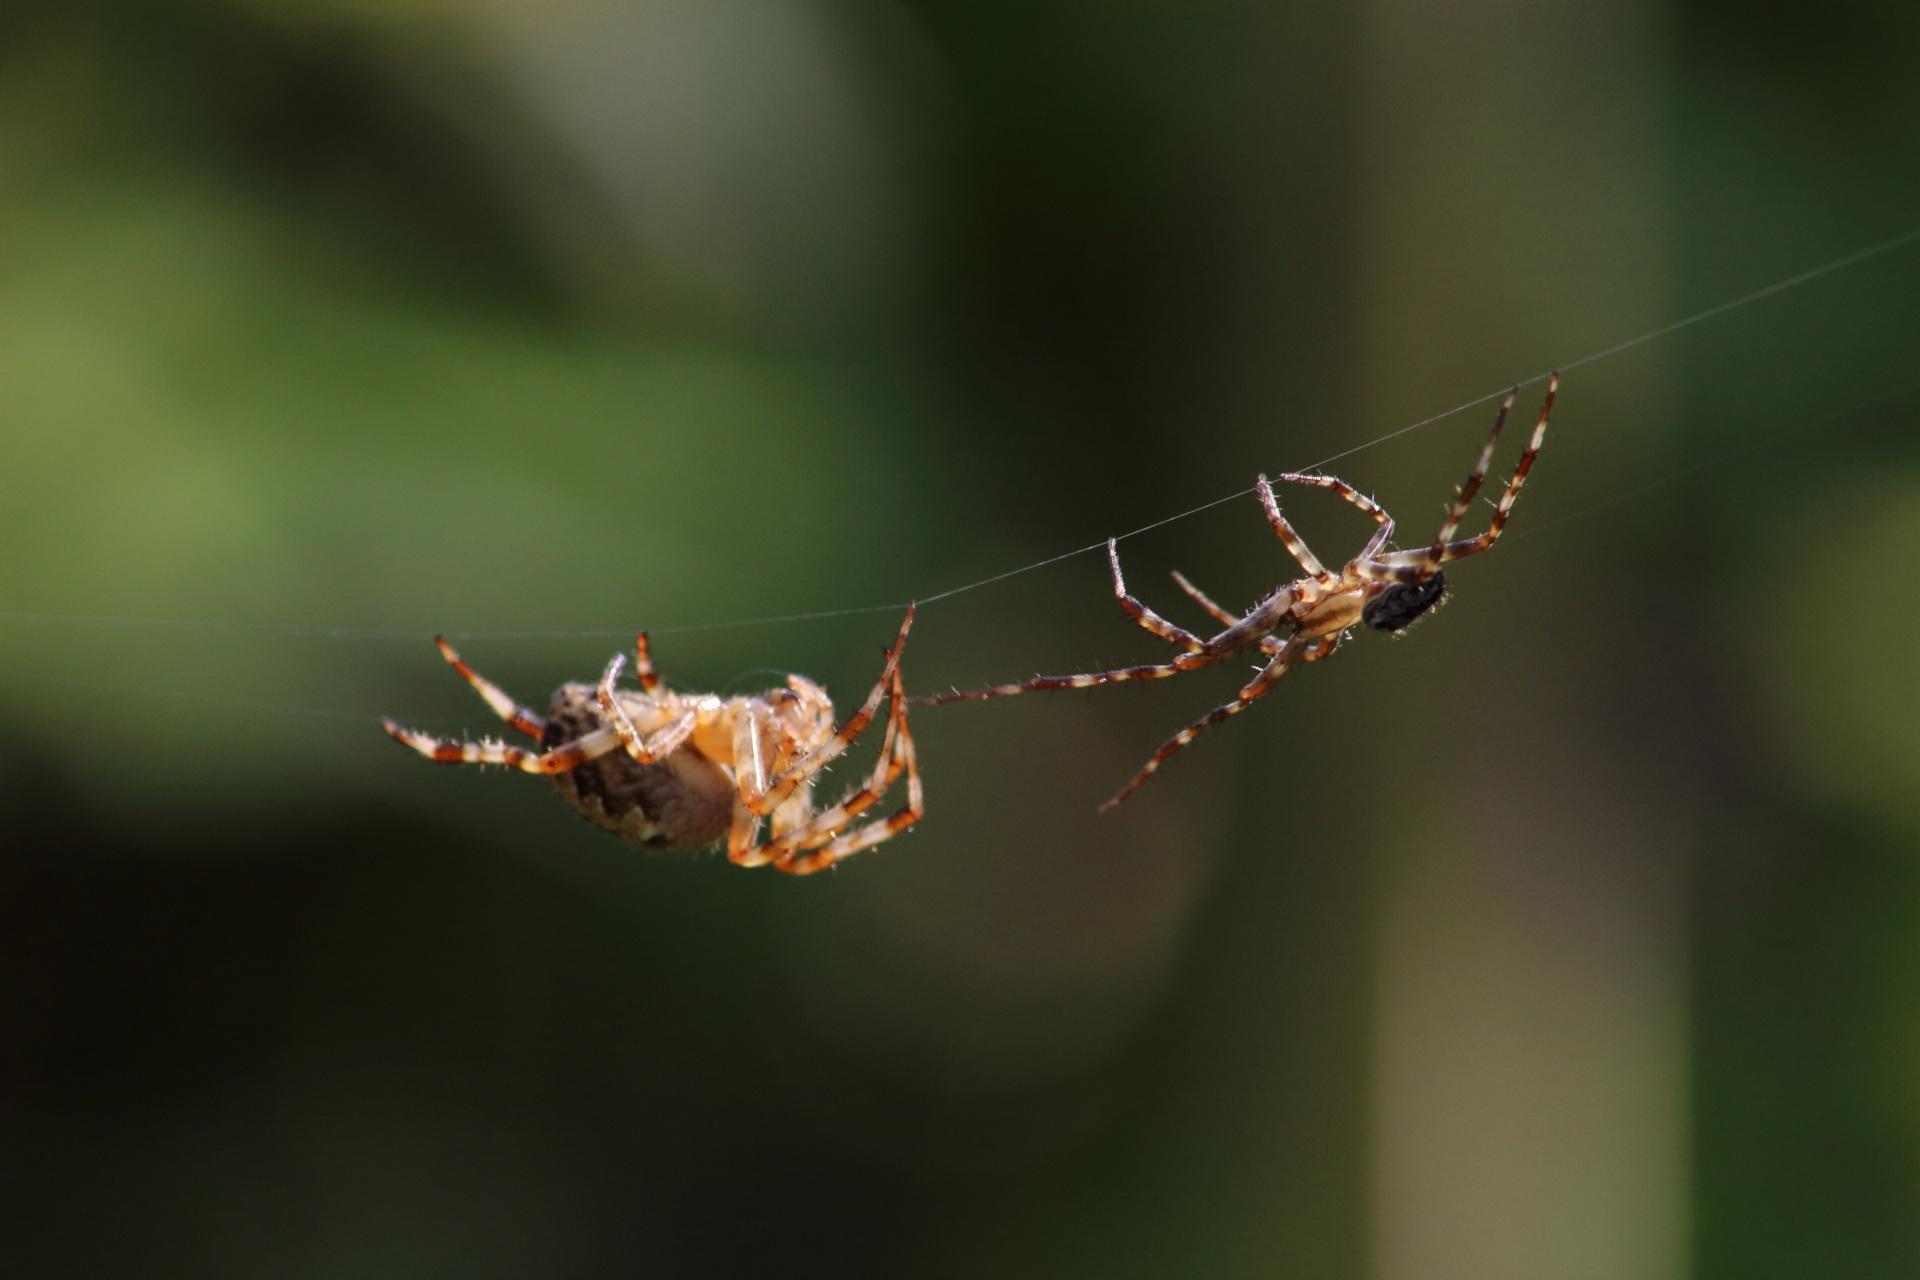 spider-3103760